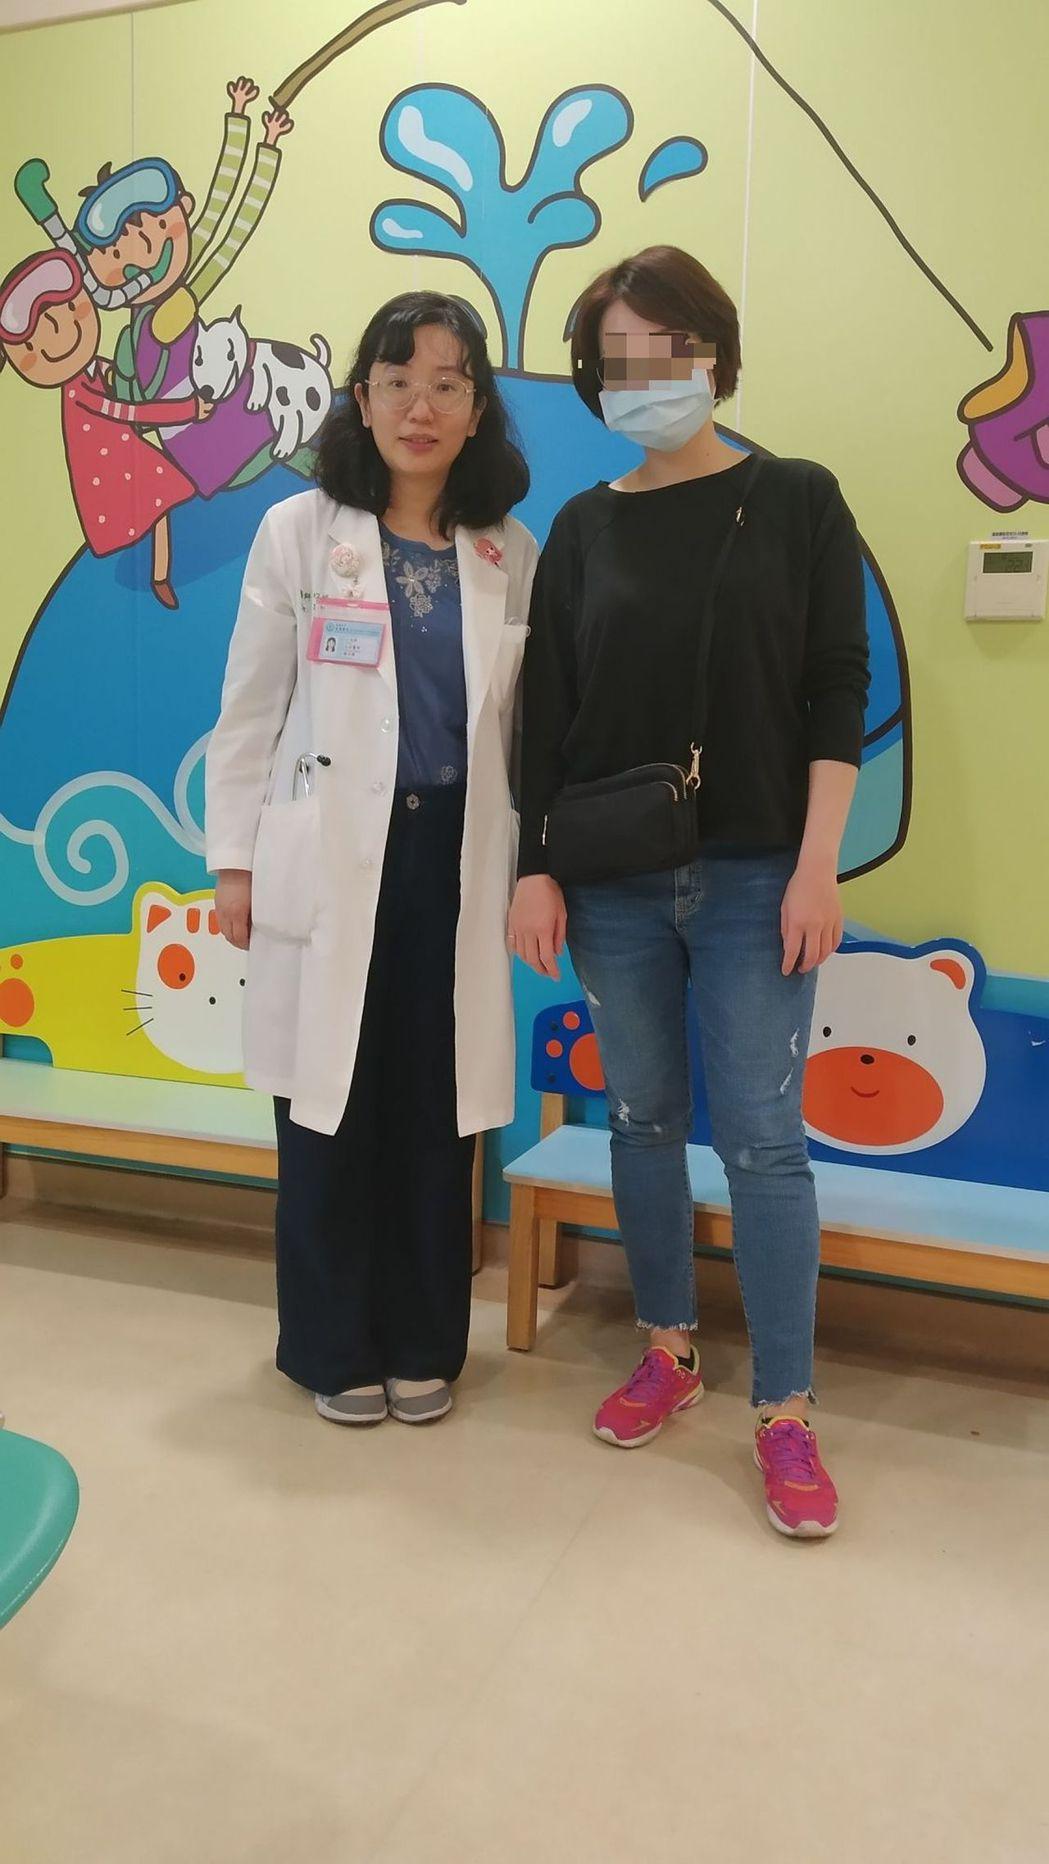 安南醫院兒科醫師賴以修(左)說,醫治慢性蕁麻疹病人,重要的是要找出發病病因治療。...